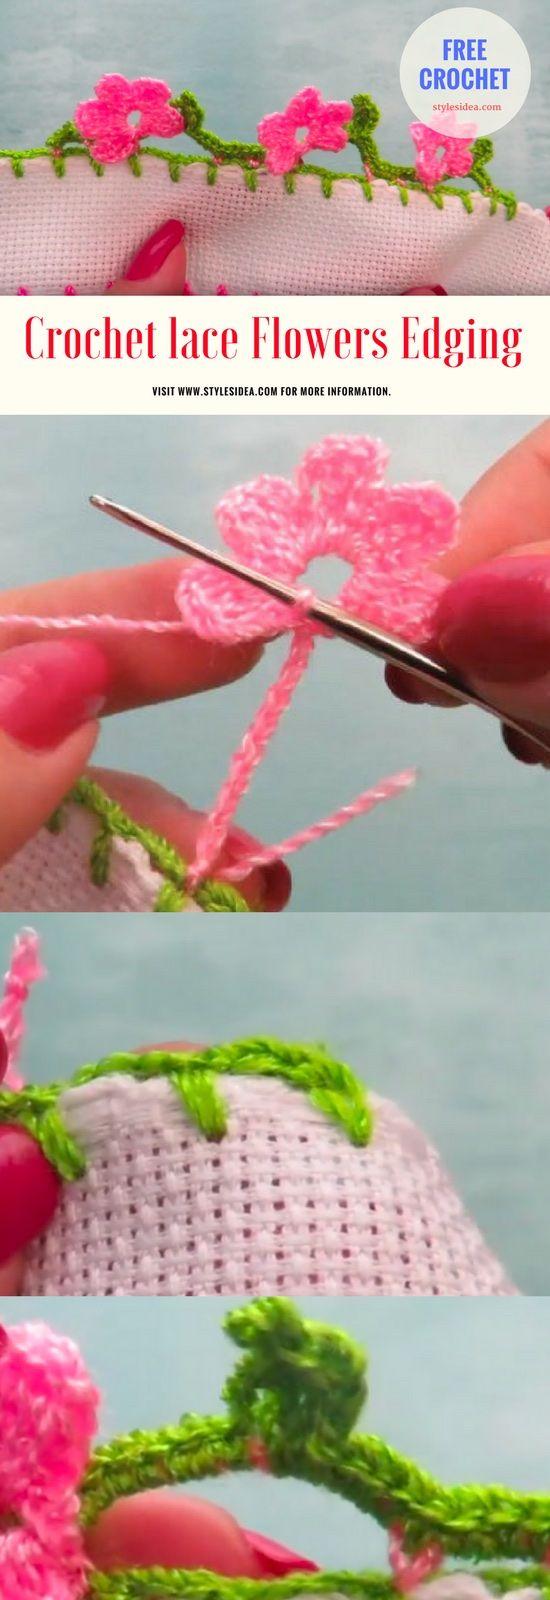 Crochet lace Flowers Edging - #crochet #freepattern #flowers